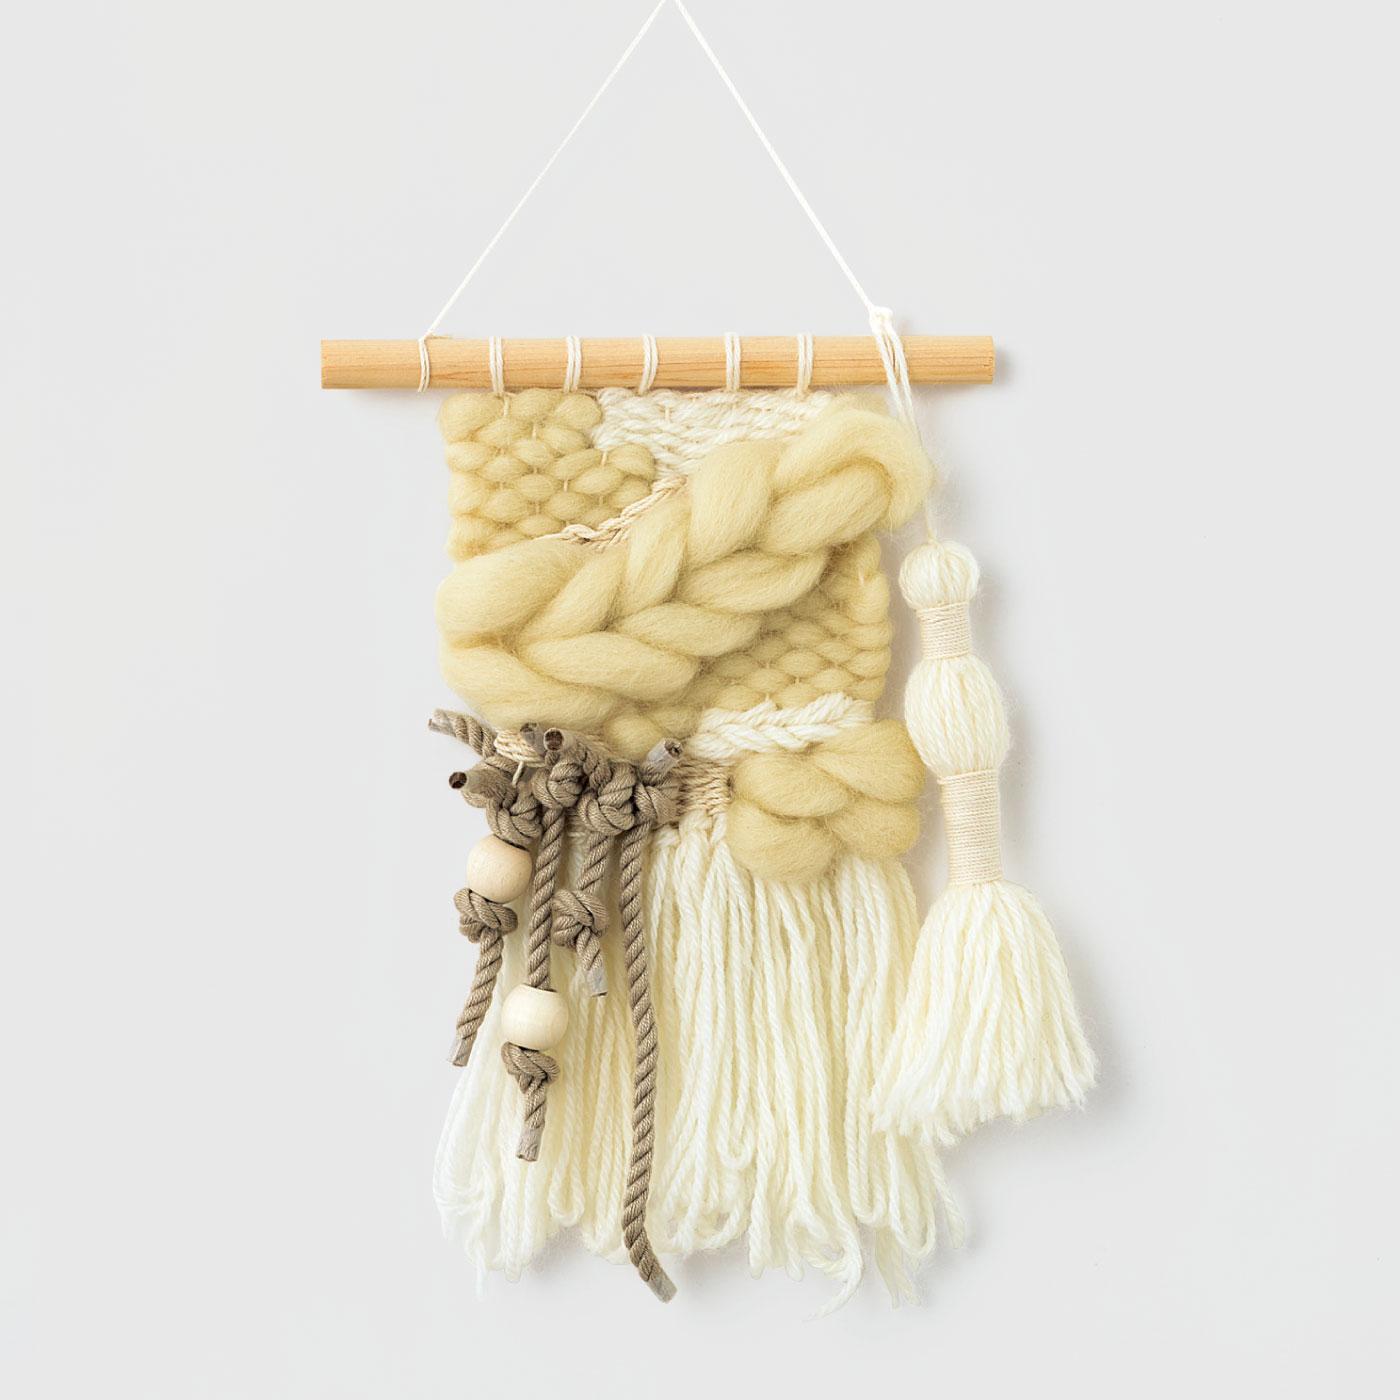 ツイストコードとウール糸のフリンジ